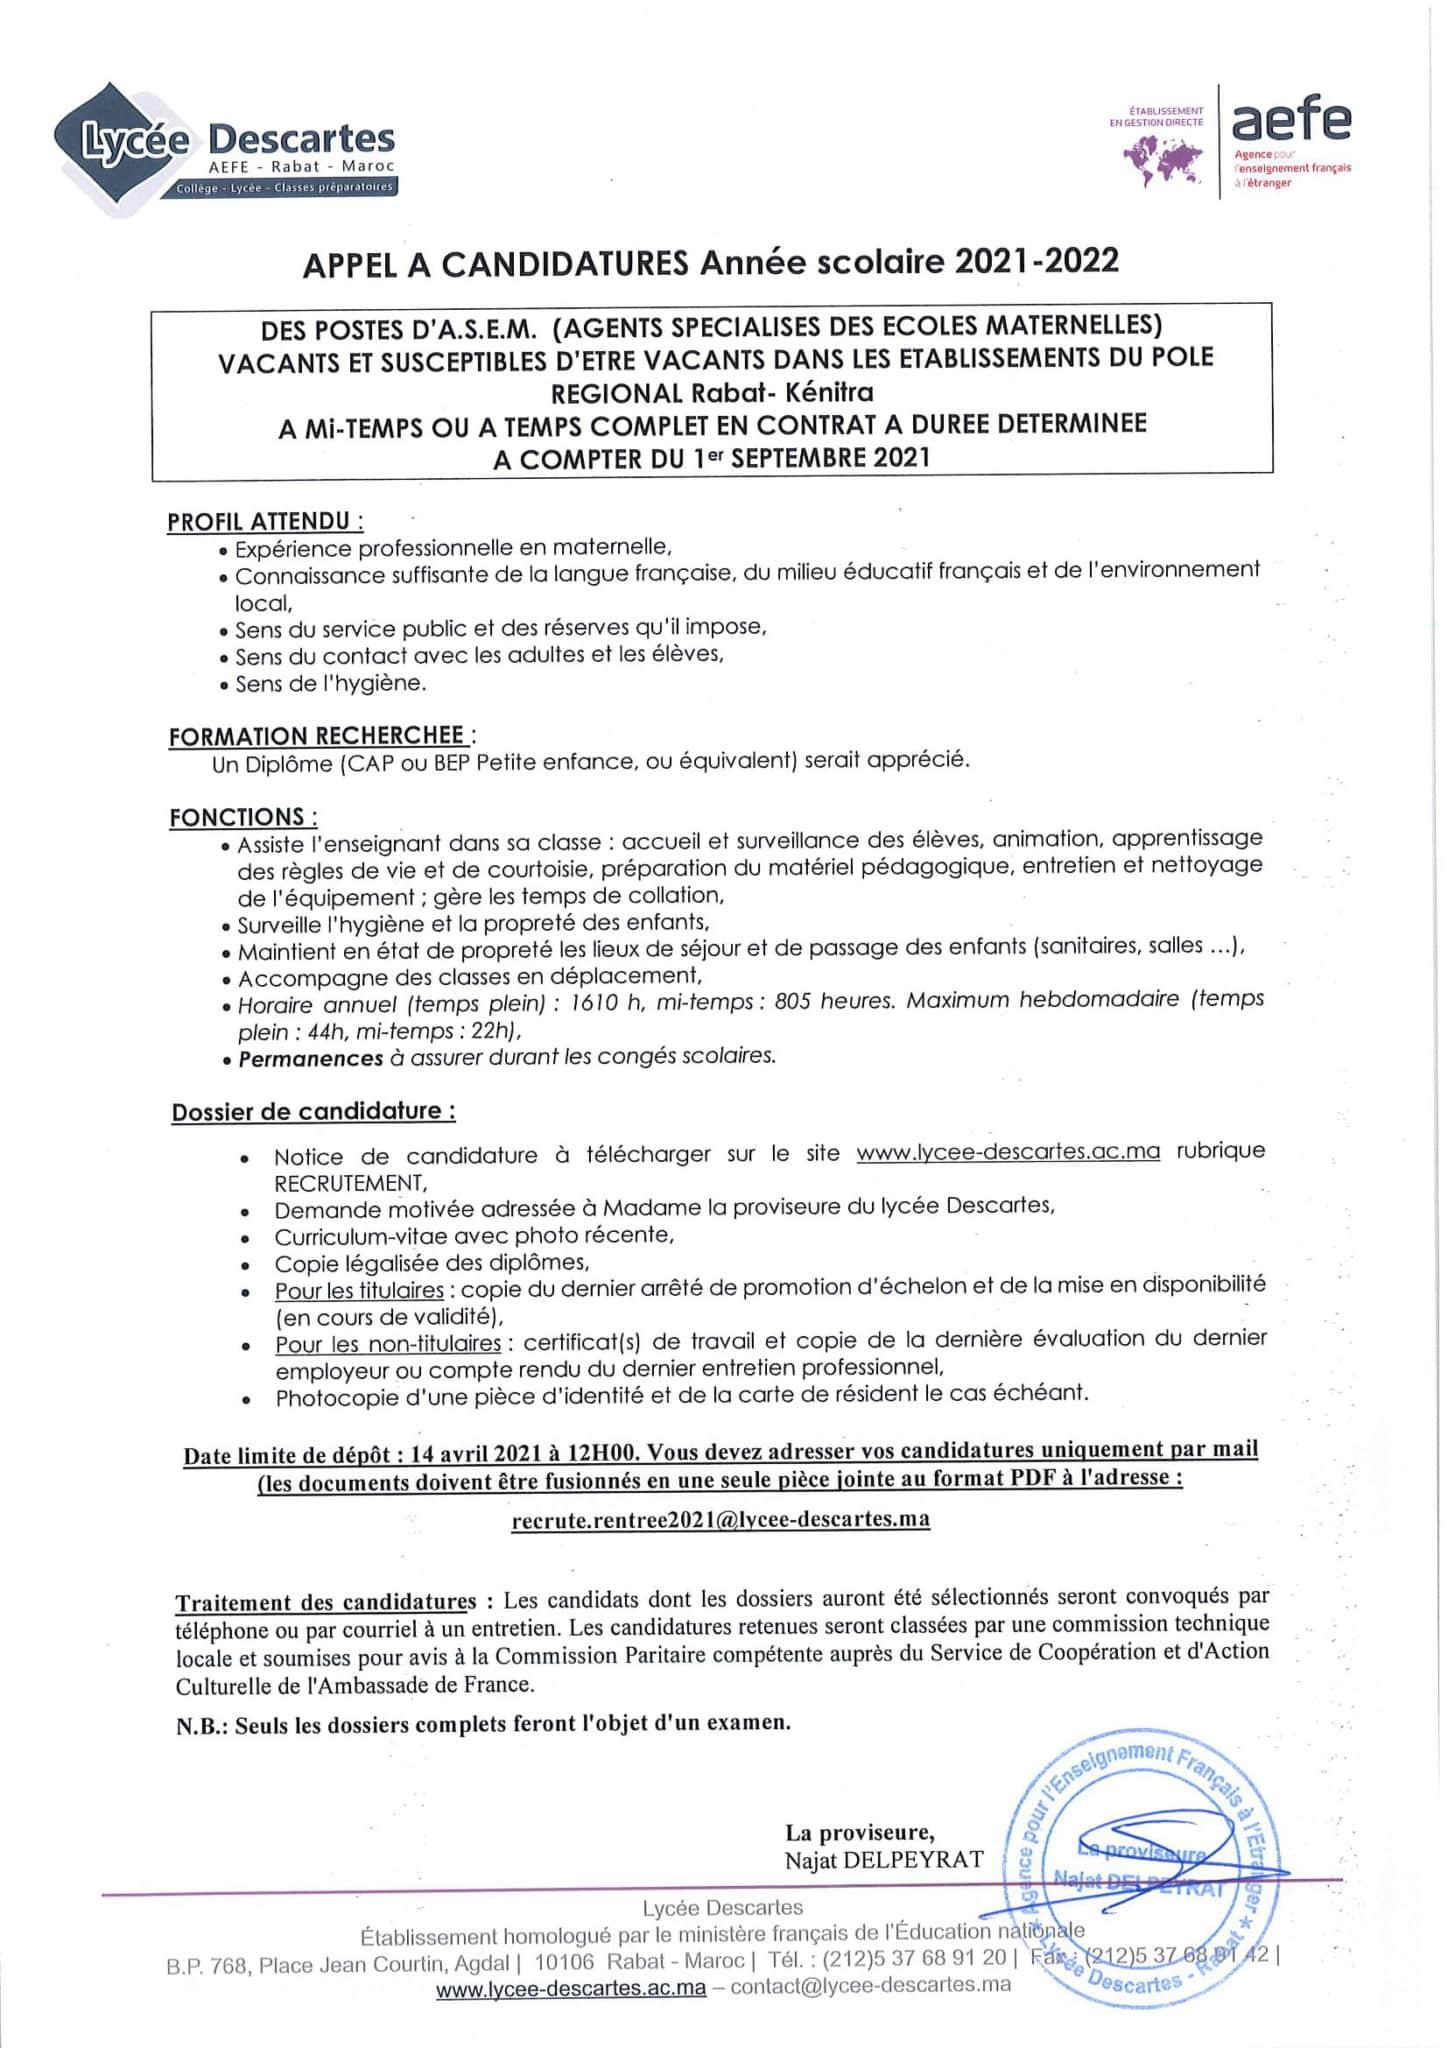 agentsspecialisesecolesmaternelles 1 scaled Lycée Descartes recrute Plusieurs Profils